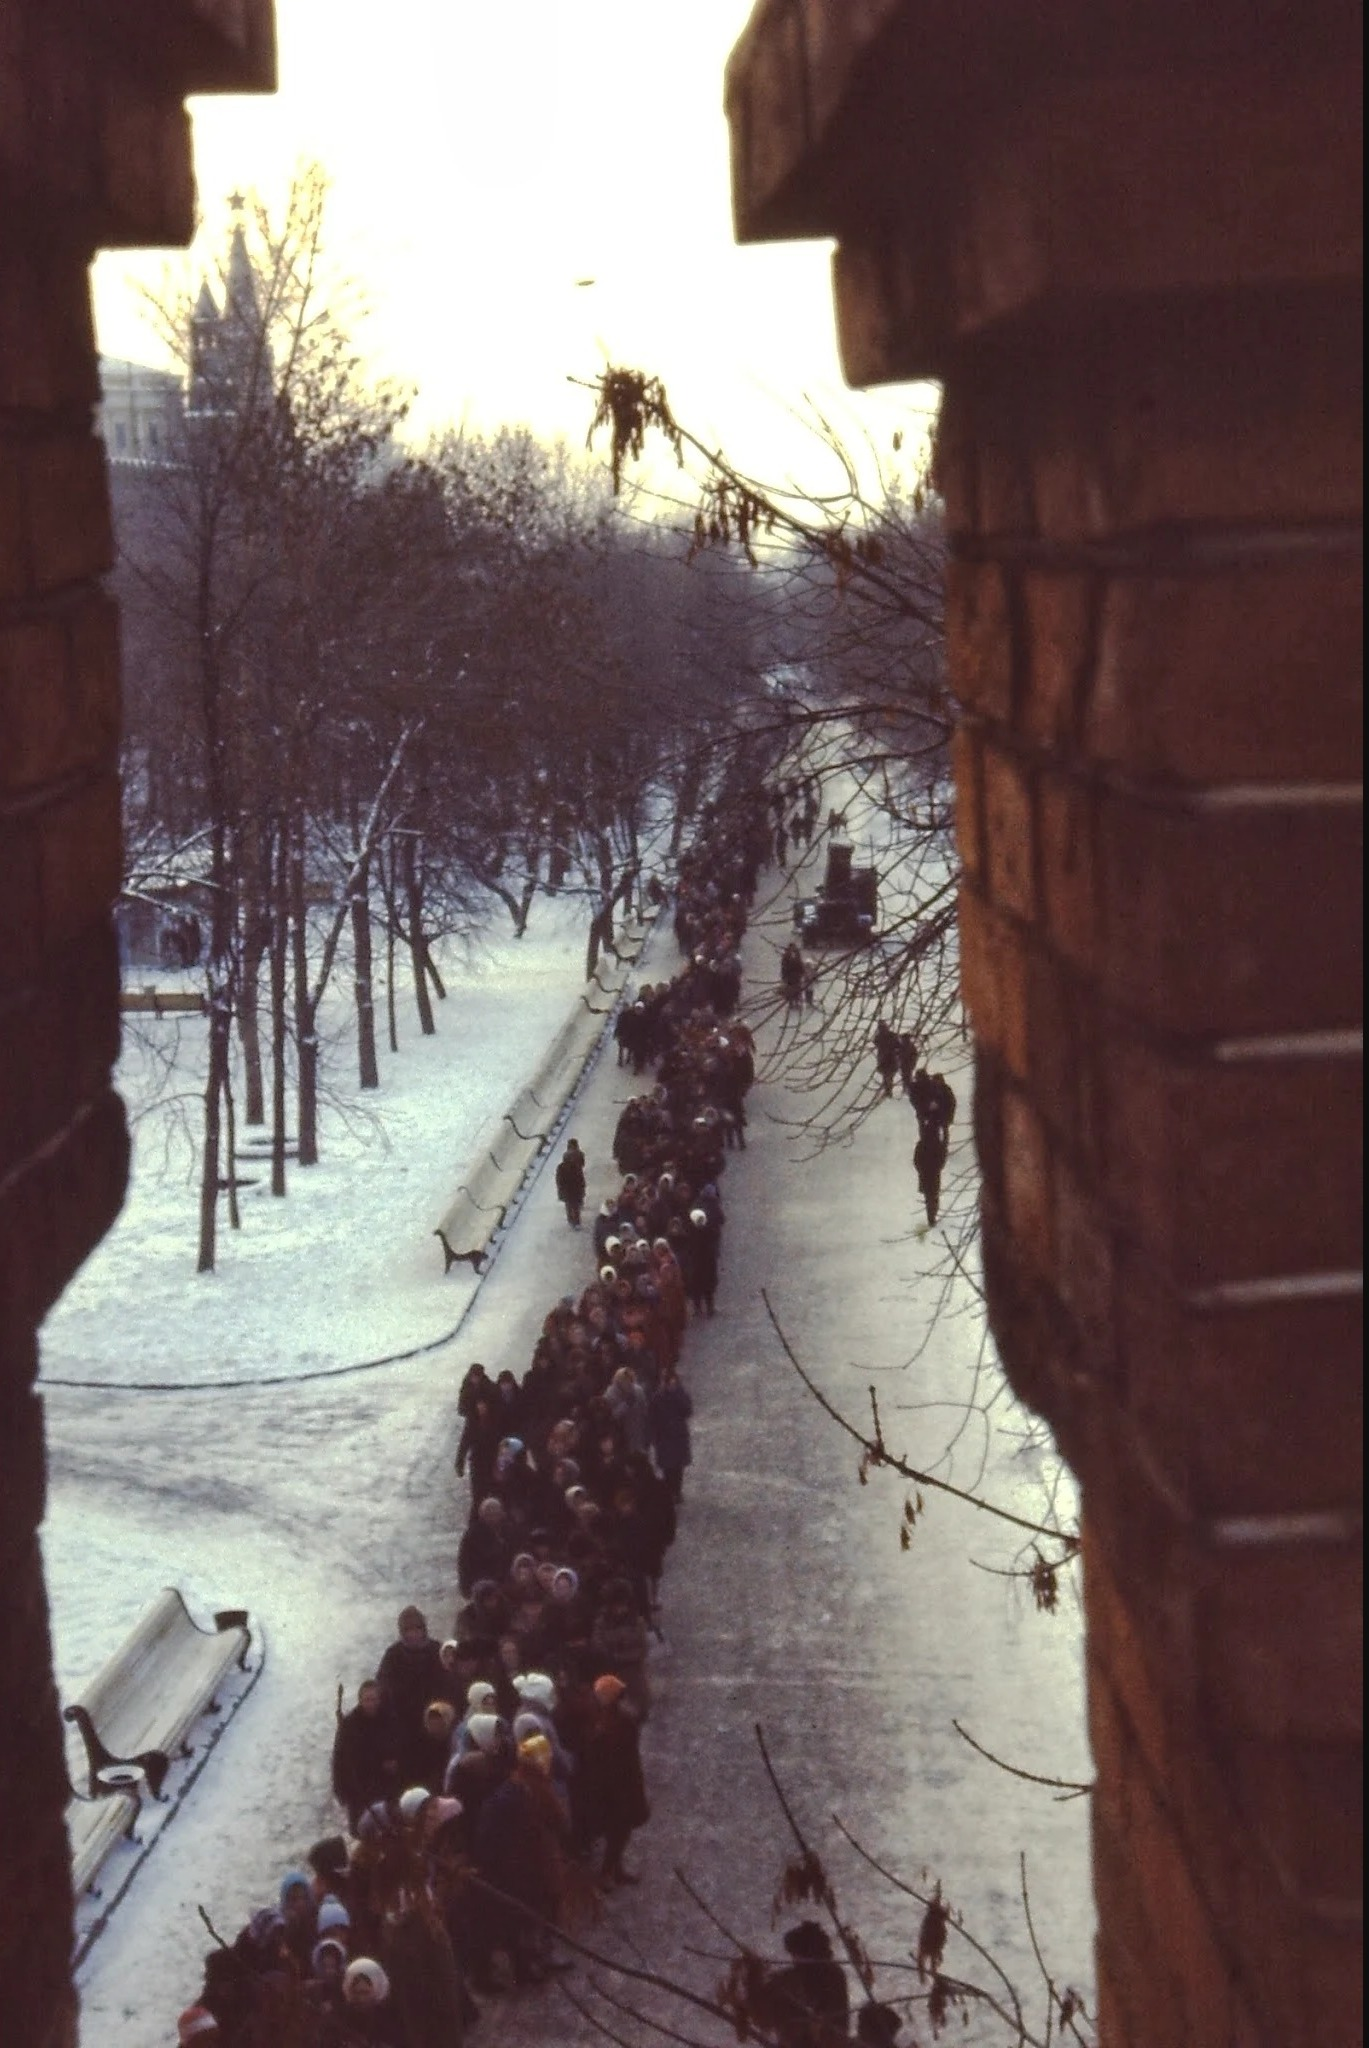 Каждый день тянется длинная очередь в мавзолей. В течение дня в Москве было минус 25 градусов